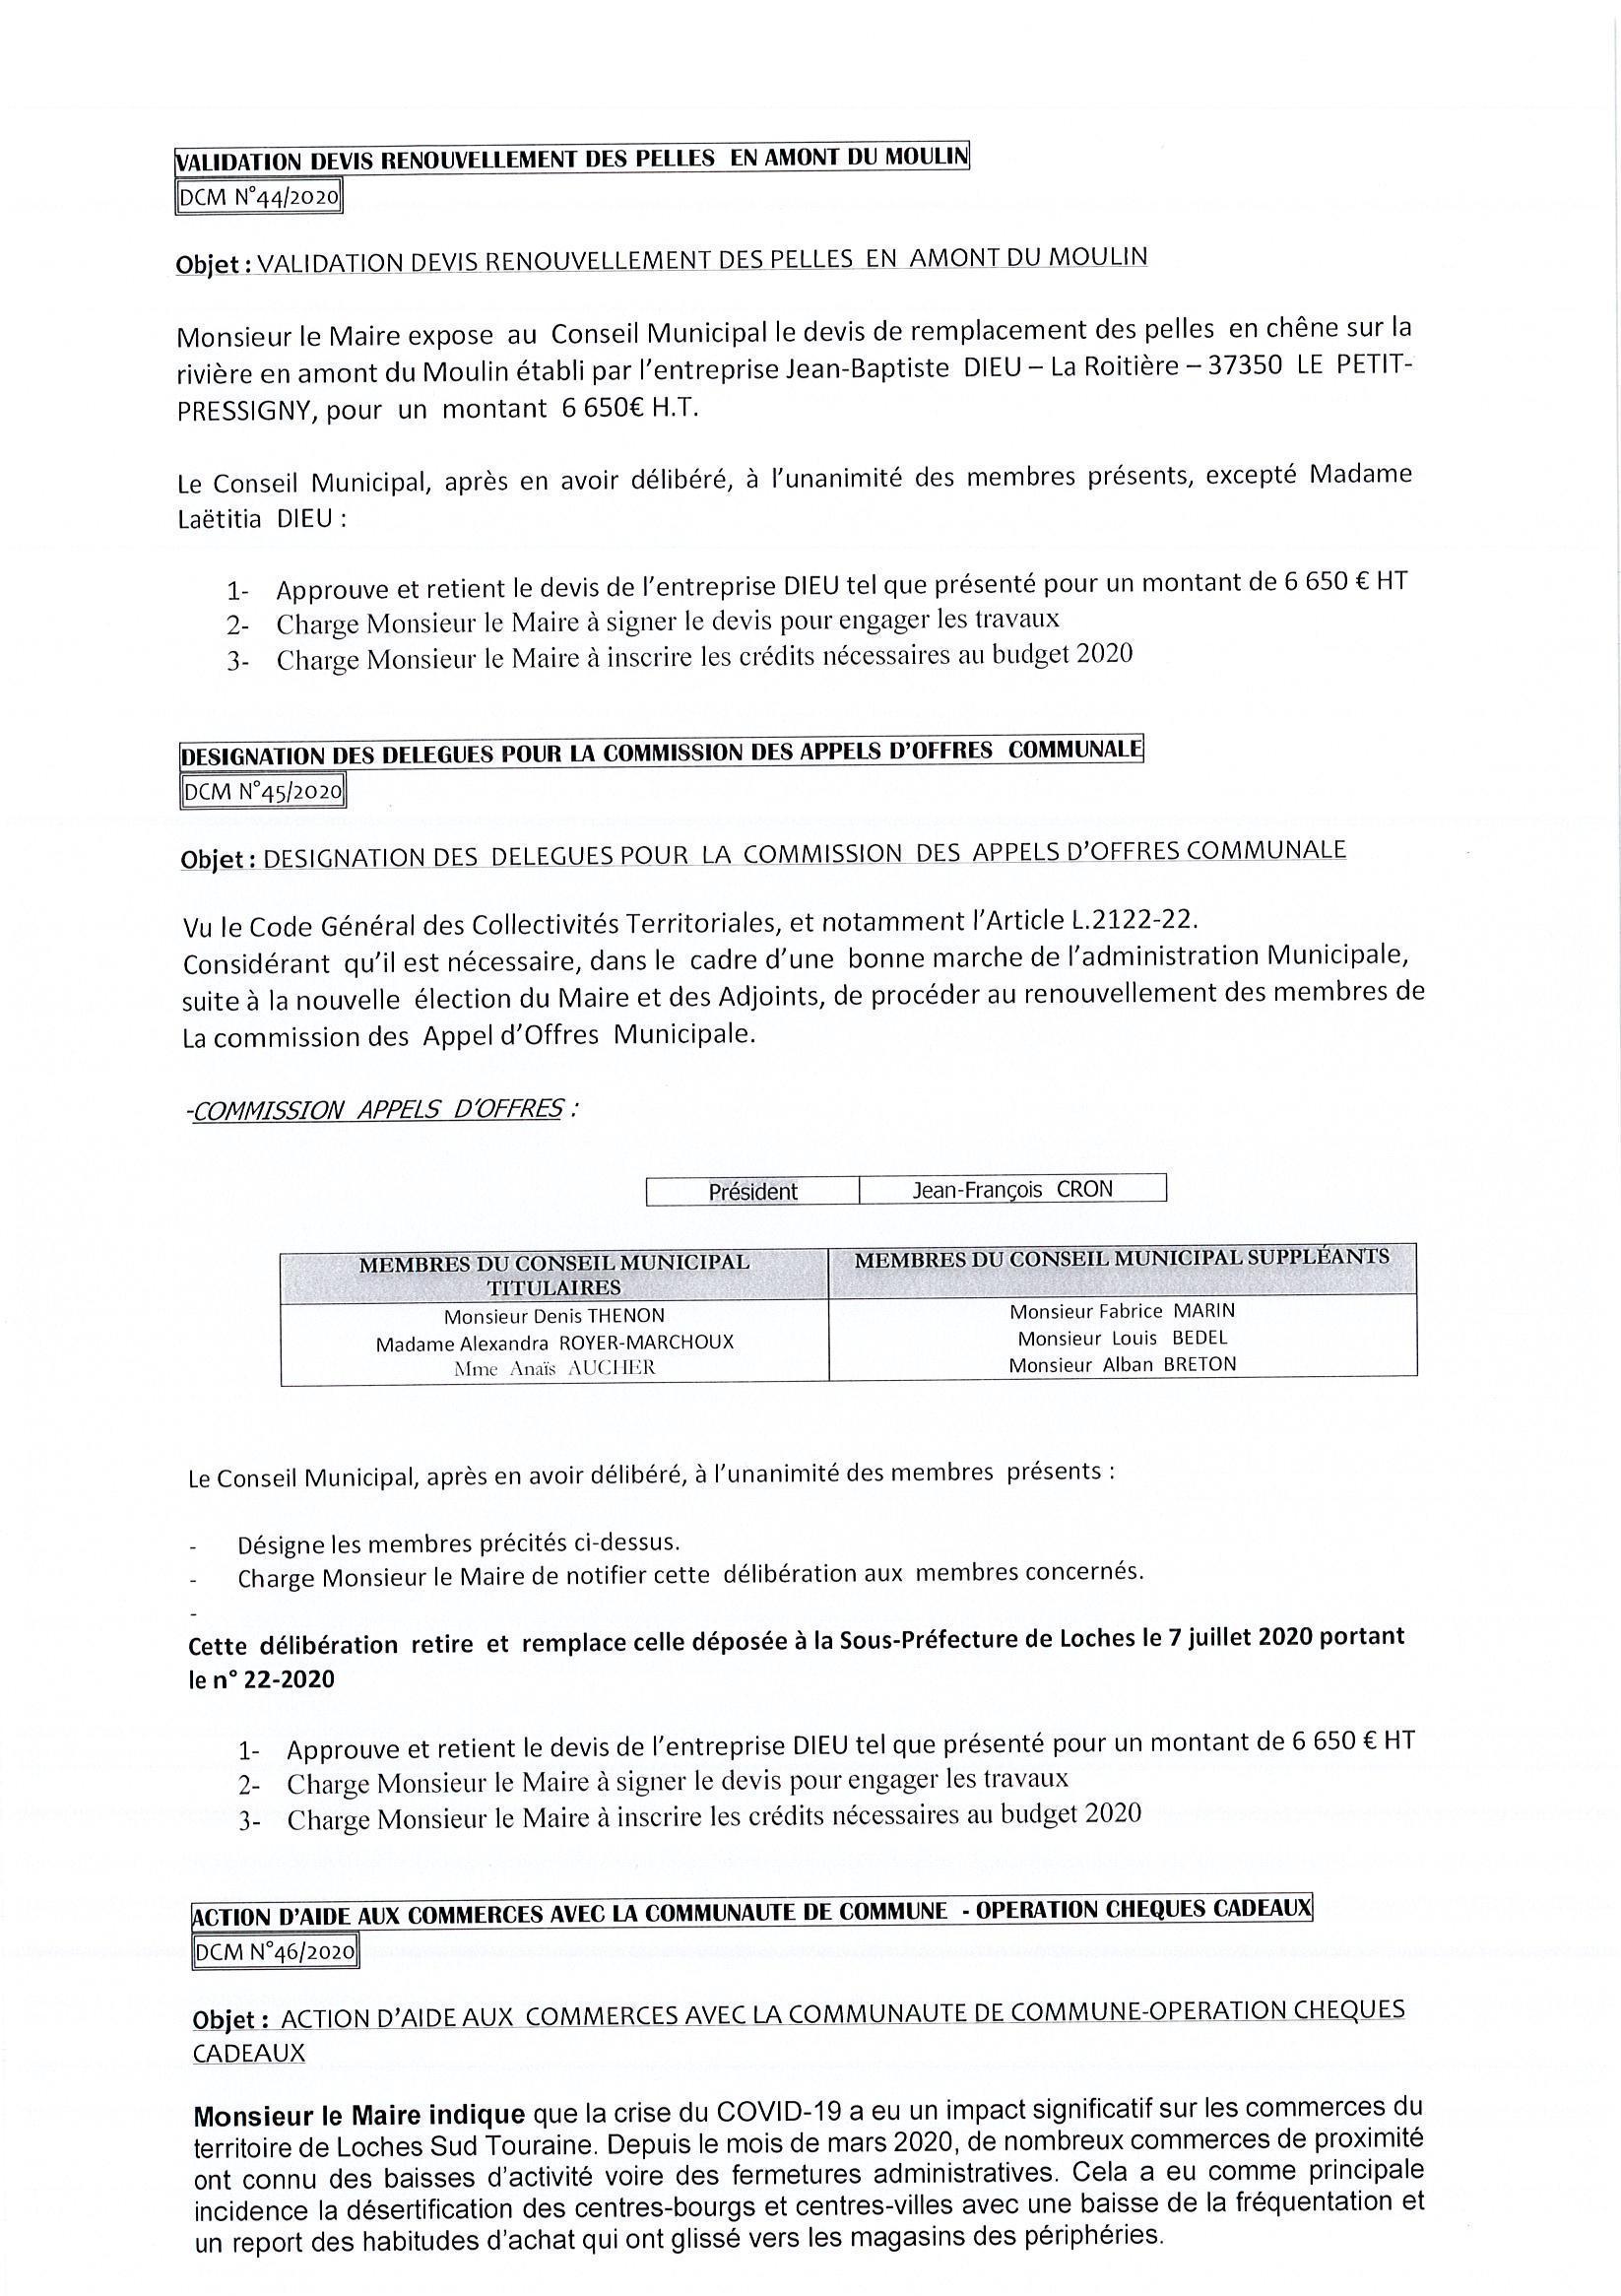 accueil/doc101120-10112020121830-0039.jpg